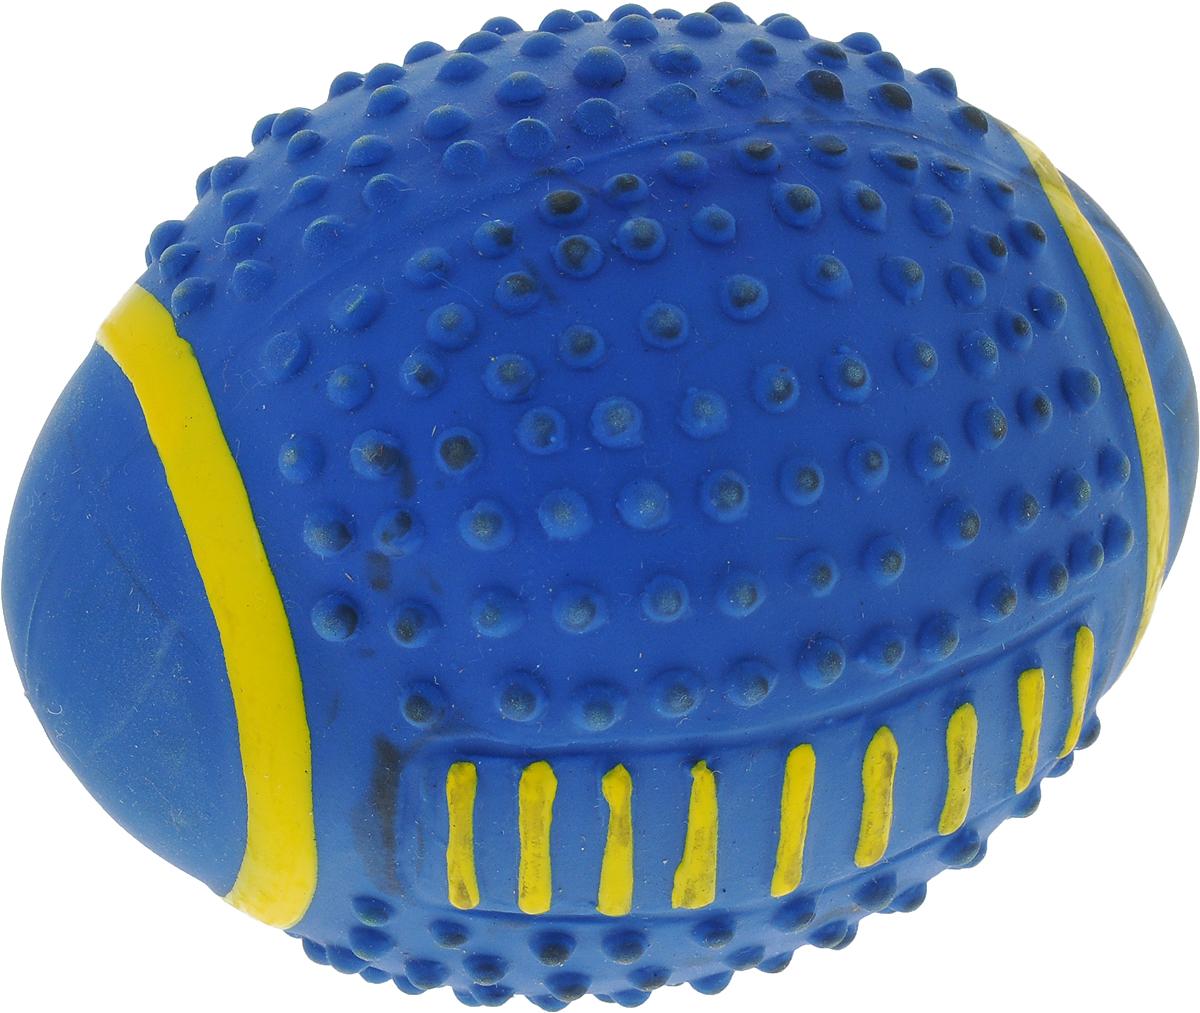 Мяч для собак Camon, цвет: синий, 9 смA035_синийИгрушка Camon для собак - это супер прочная, супер безопасная и супер увлекательная игрушка. Мячик при бросании отскакивает по непредсказуемой траектории. Что обеспечивает часы веселья и удовольствия. Запатентованный материал и дополнительные массажные элементы-шипы гарантируют, что ваша собака будет наслаждаться игрой с мячом в течение длительного времени. Очень прочный.Непредсказуемый отскок.Средний размер для собак весом от 6 до 15 кг.Мячик плавает.